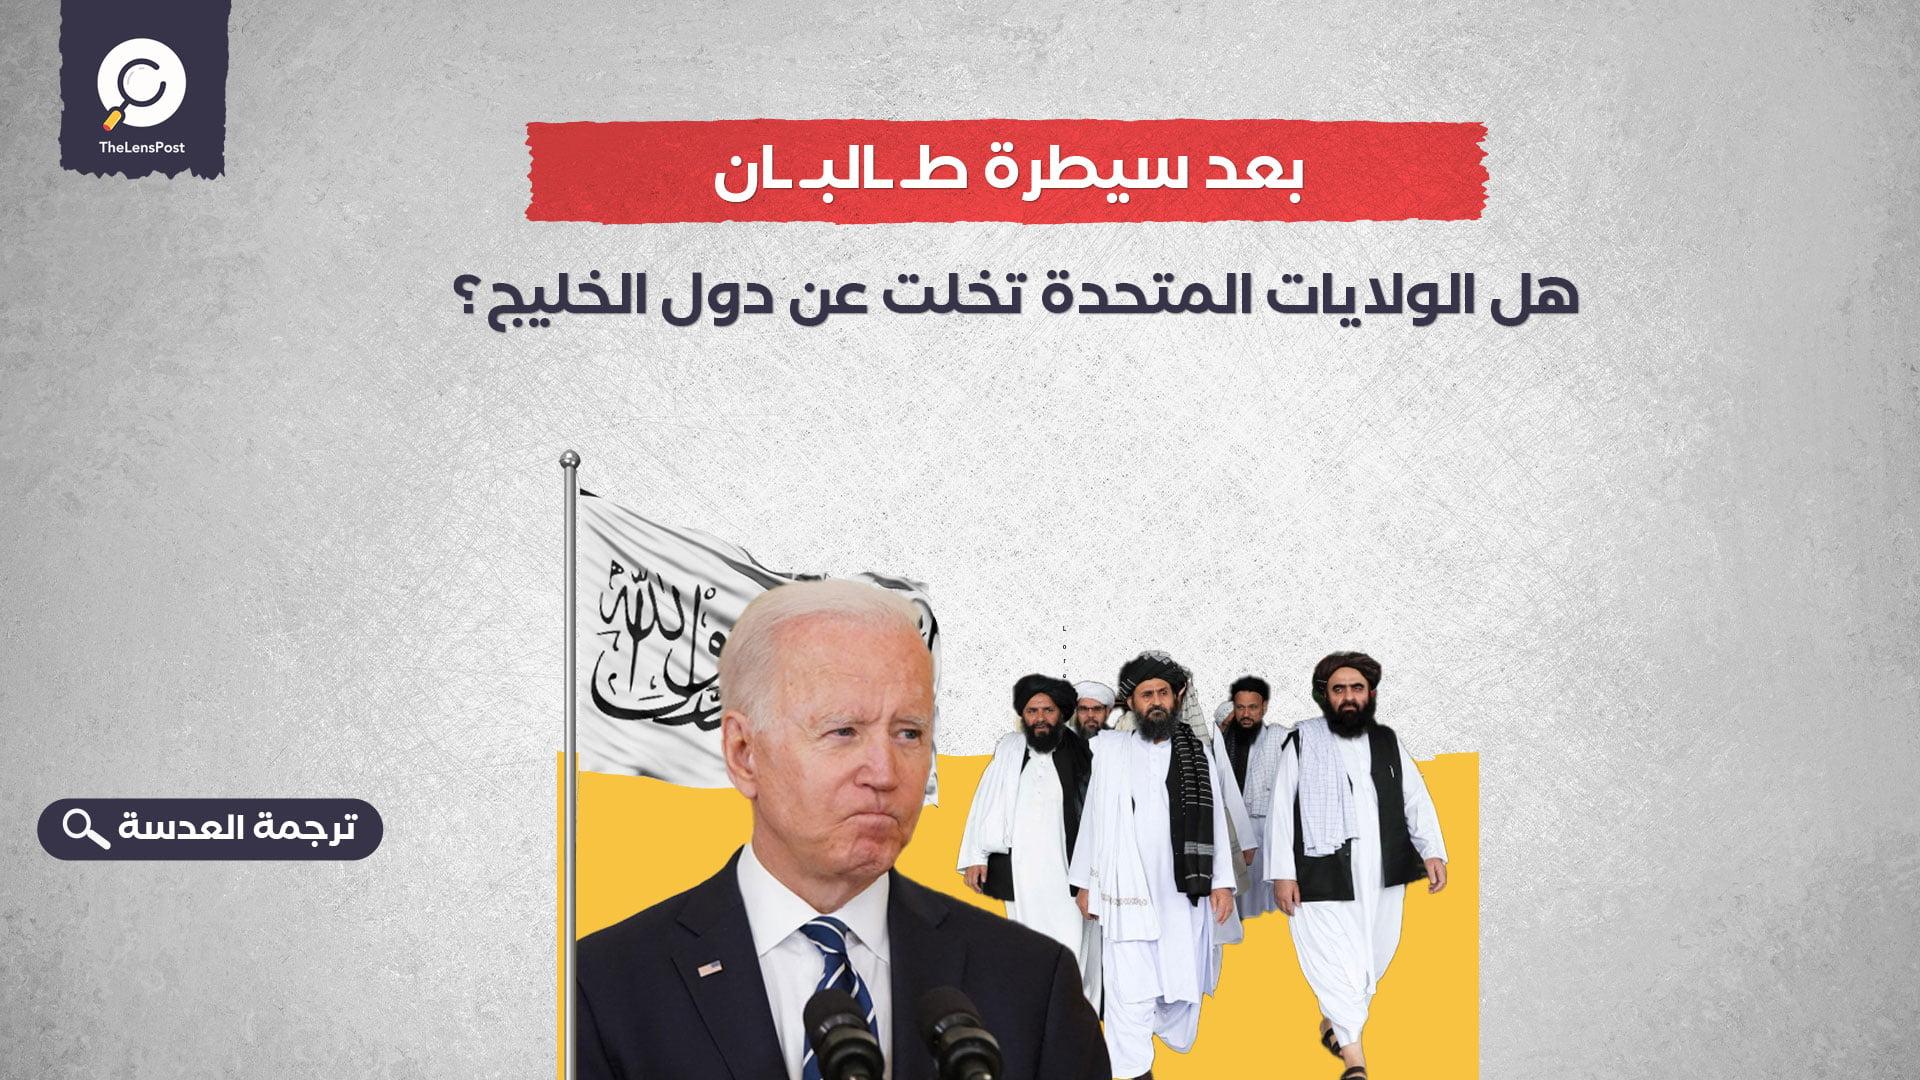 بعد سيطرة طالبان.. هل الولايات المتحدة تخلت عن دول الخليج؟